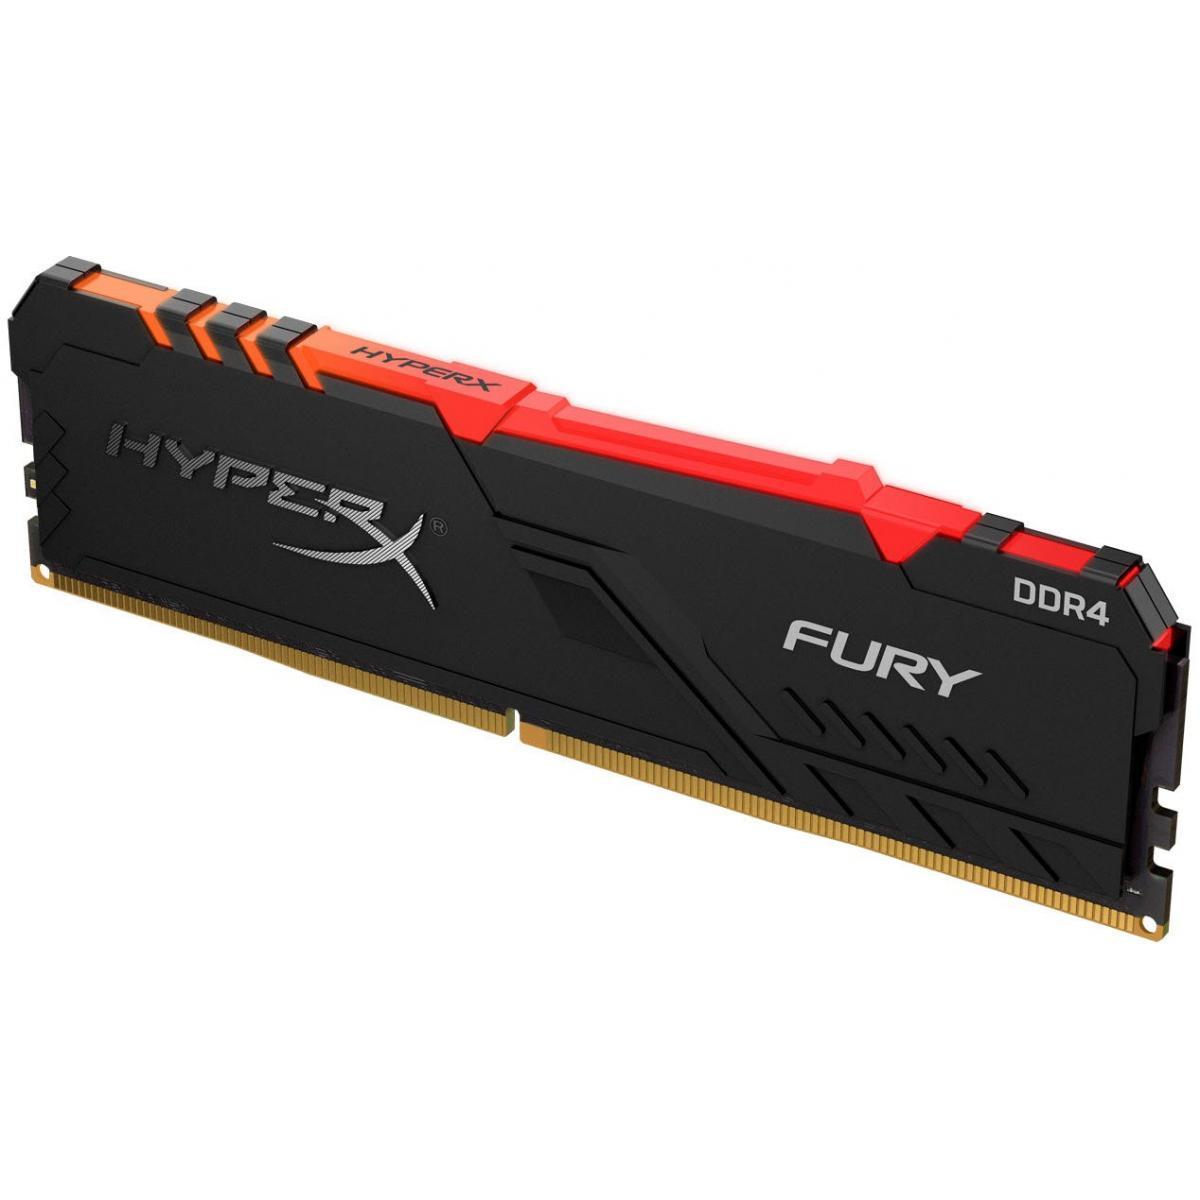 HYPER-X Fury RGB 8GB DDR-4 3200MHz Memory